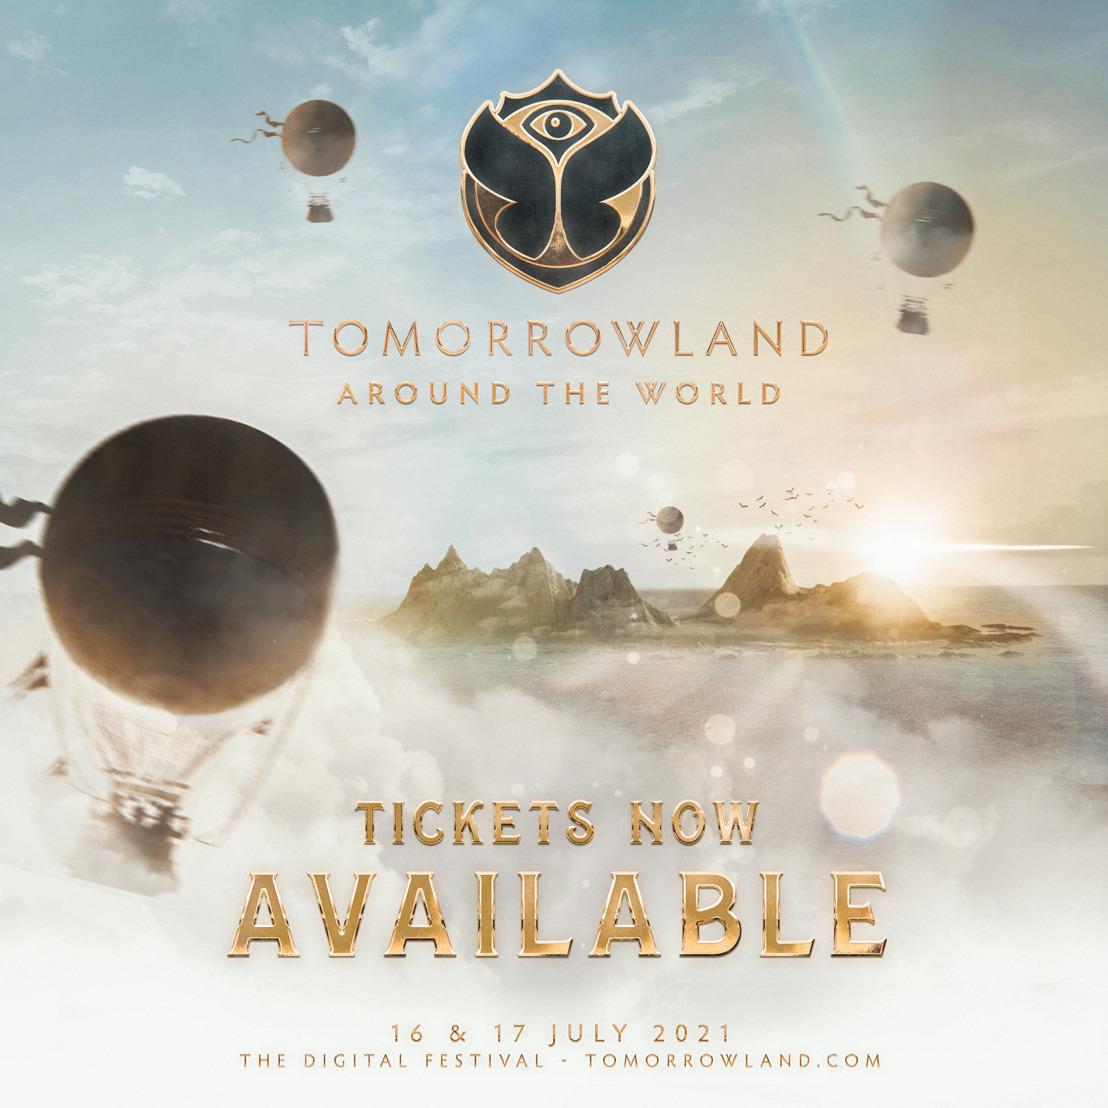 Les billets et packages Tomorrowland Around the World 2021 sont disponibles dès aujourd'hui